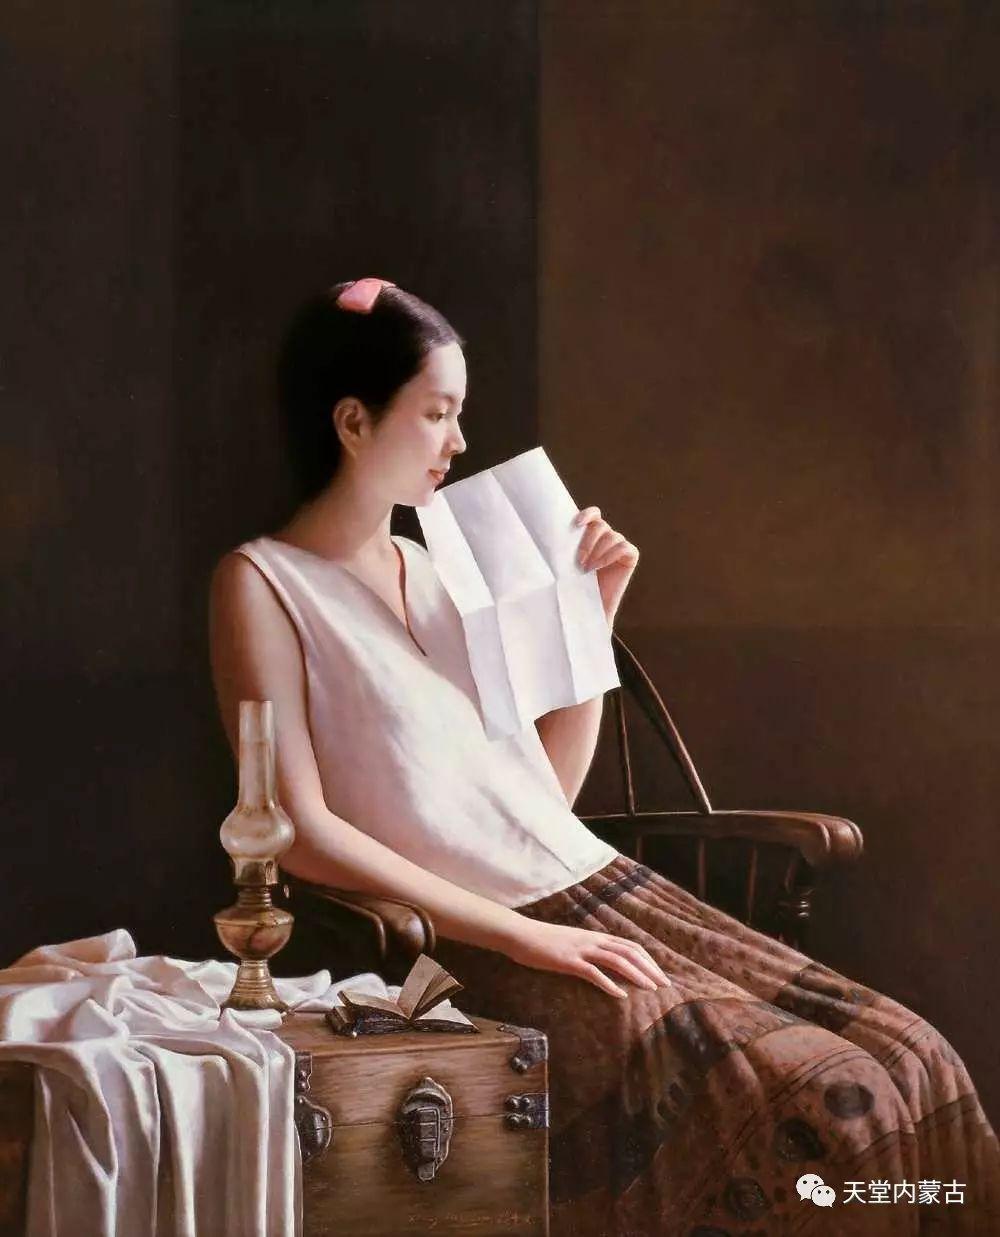 内蒙古画家——晓青油画作品欣赏 第2张 内蒙古画家——晓青油画作品欣赏 蒙古画廊